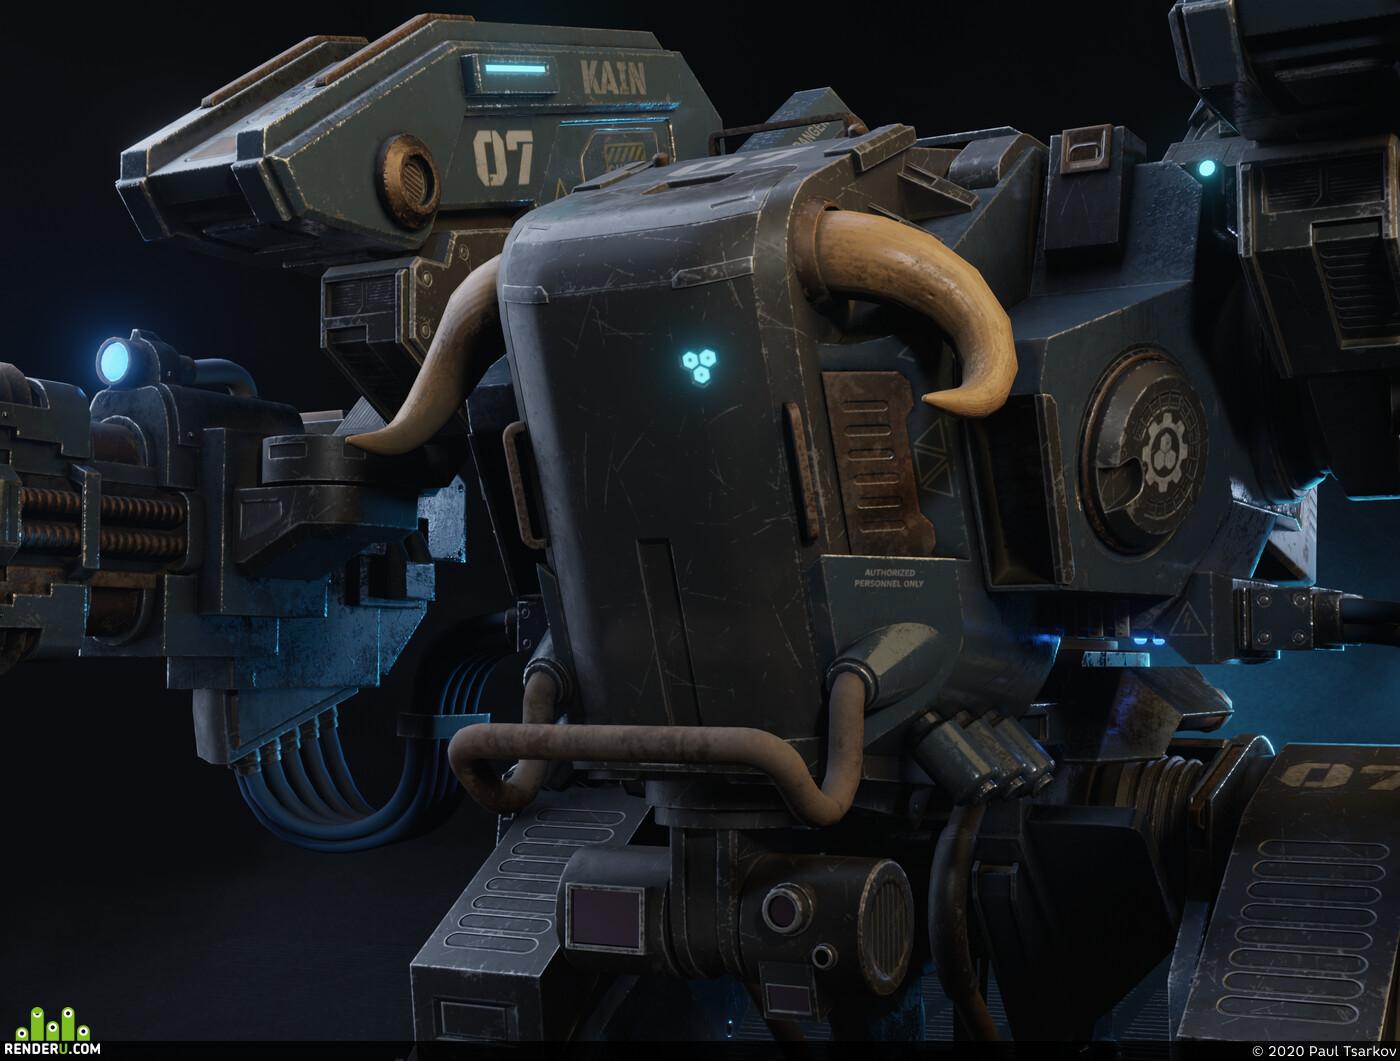 blender, Mecha, Hard Surface, Robots., Warhammer 40k, adeptus mechanicus, kaino, volkite weapon